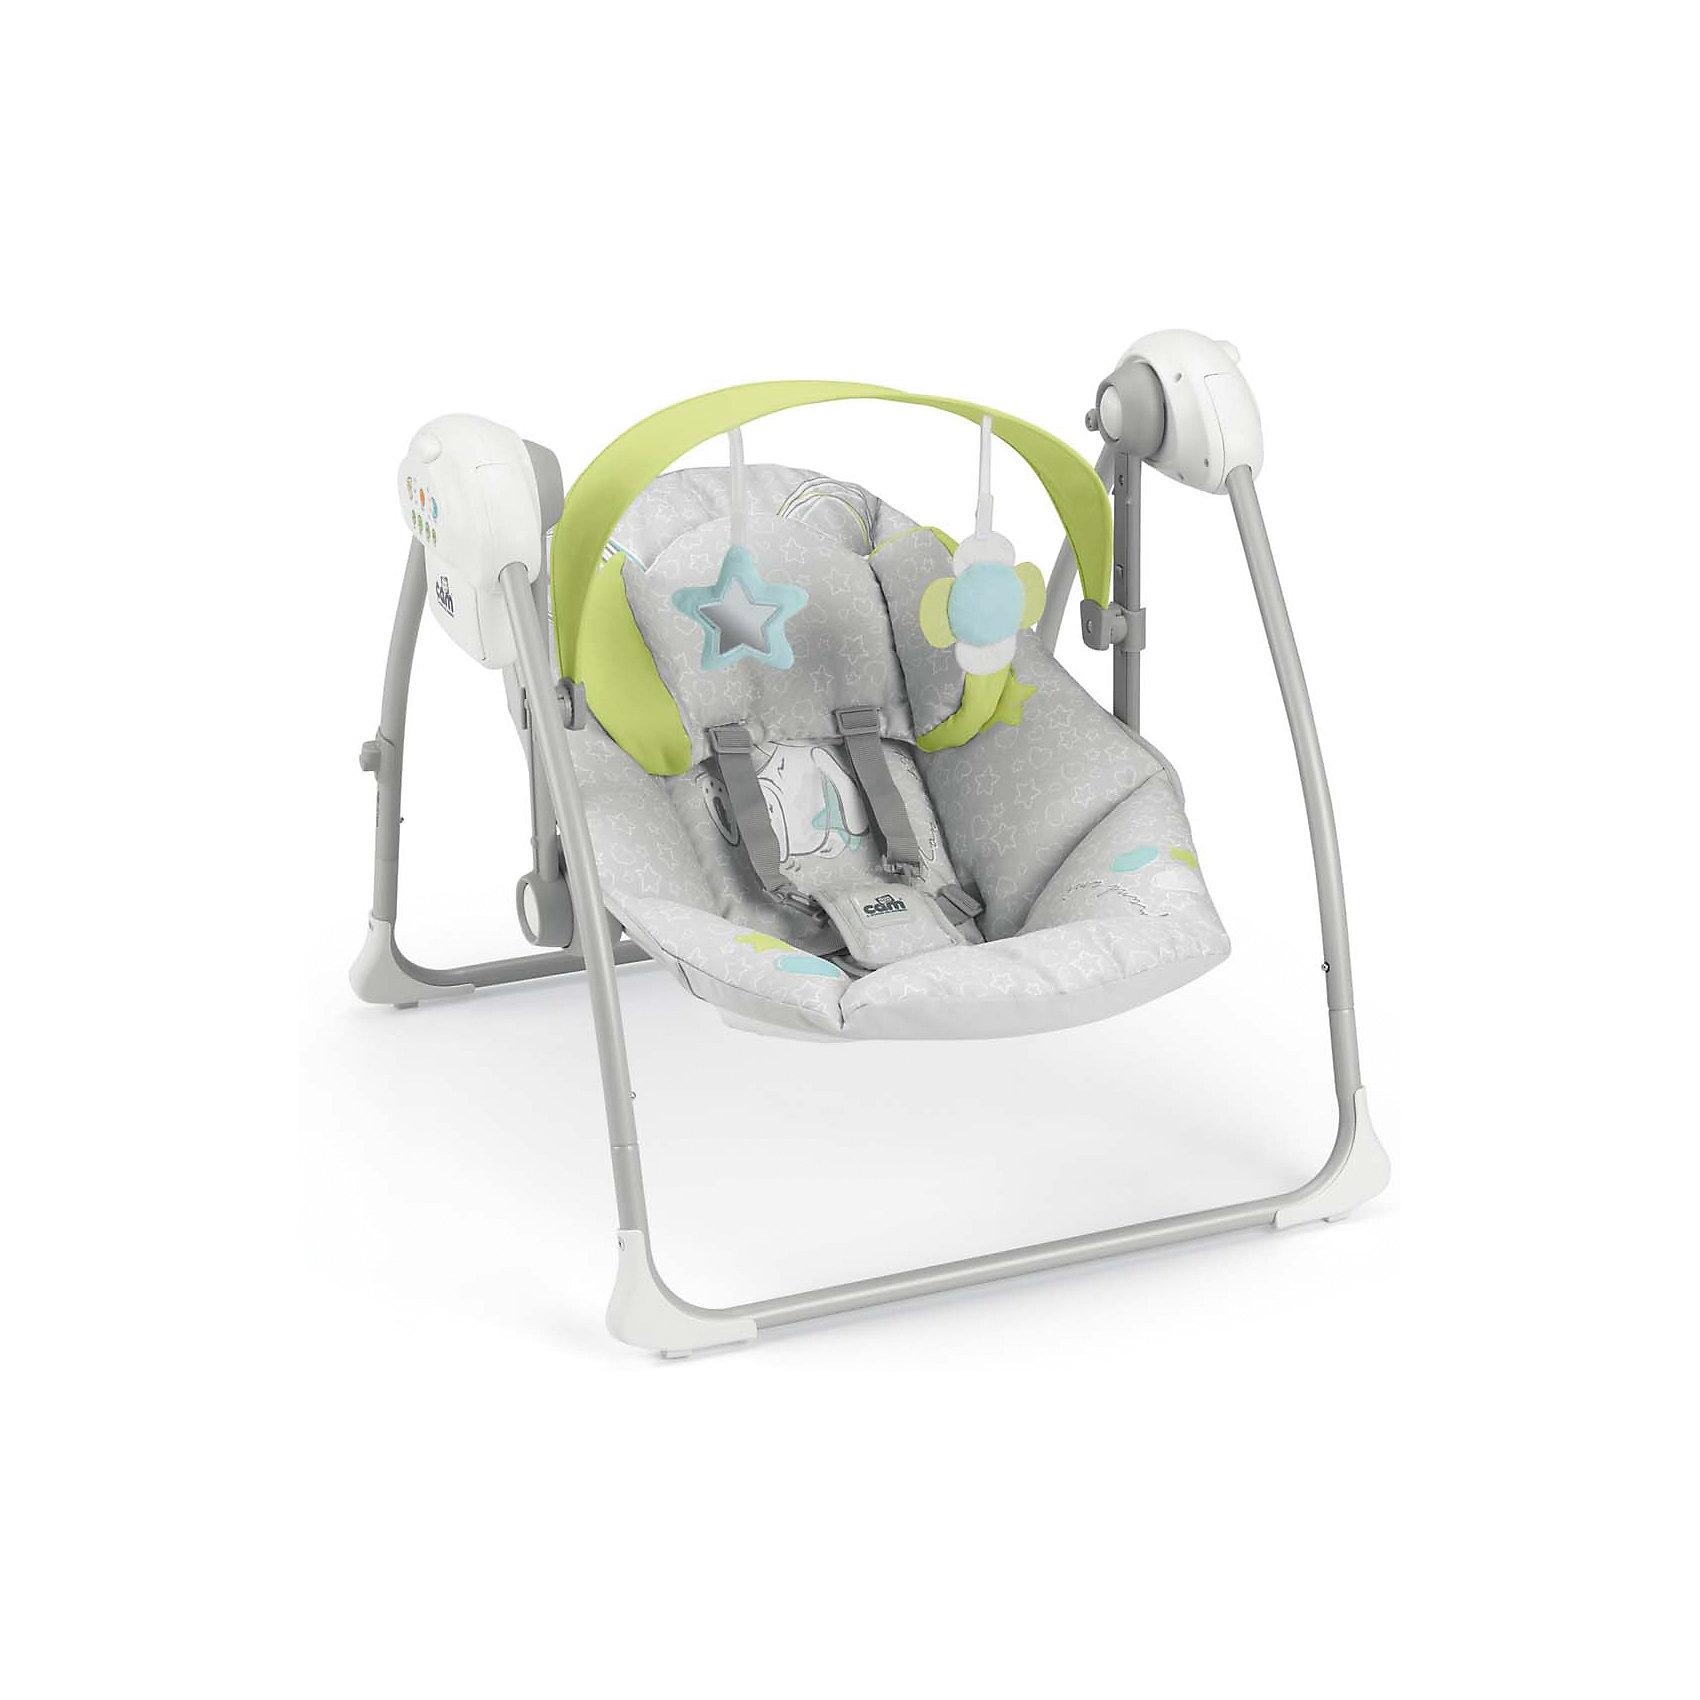 Электрокачели Sonnolento Зайка, CAM, серыйКачели электронные<br>Качели-шезлонг подходят для детей с самого рождения. Модель имеет удобную спинку с 5 положениями, мягкое сиденье и мягкий подголовник для еще большего комфорта малыша. Летний козырек от солнца с двумя съёмными игрушками, регулируется по высоте в 2-х положениях. Пятиточечные страховочные ремни обеспечат безопасность крохи. Очень легкая и компактная модель быстро складывается и раскладывается, занимает мало места при хранении и транспортировке. Три скорости качания, 5 колыбельных мелодий и 3 различных варианта звуков природы успокоят малыша, настроив его на комфортный отдых. Шезлонг изготовлен из прочных, высококачественных материалов, безопасен для детей.<br><br>Дополнительная информация:<br><br>-Размеры в разложенном виде: 61,5 x 64 x 58 см.<br>- Размеры в сложенном виде: 61,5 x 26 x 63 см.<br>- Вес: 4 кг.<br>- Максимальный вес ребенка: 9 кг.<br>- Материал: пластик, металл, текстиль.<br>- Регулировка козырька в 2 положениях.<br>- 2 мягкие игрушки.<br>- Мягкое сиденье и подголовник.<br>- Регулируемая в 5 положениях спинка.<br>- 5 колыбельных мелодий, 3 вариации звуков природы.<br>- 3 скорости качания.<br>- Таймер с автоматическим выключением (8-15-30 мин).<br>- Регулировка громкости.<br>- Ножки с нескользящими резиновыми вставками<br>- Если заблокировать сиденье, можно использовать как колыбель.<br>- Съемный чехол (возможна машинная стирка при 30?).<br>- Питание от батареек (4 батареи - 1,5 вольт, не входят в комплект)<br><br>Качели-шезлонг Sonnolento, CAM  можно купить в нашем магазине.<br><br>Ширина мм: 440<br>Глубина мм: 415<br>Высота мм: 640<br>Вес г: 5500<br>Возраст от месяцев: 0<br>Возраст до месяцев: 36<br>Пол: Унисекс<br>Возраст: Детский<br>SKU: 5607569